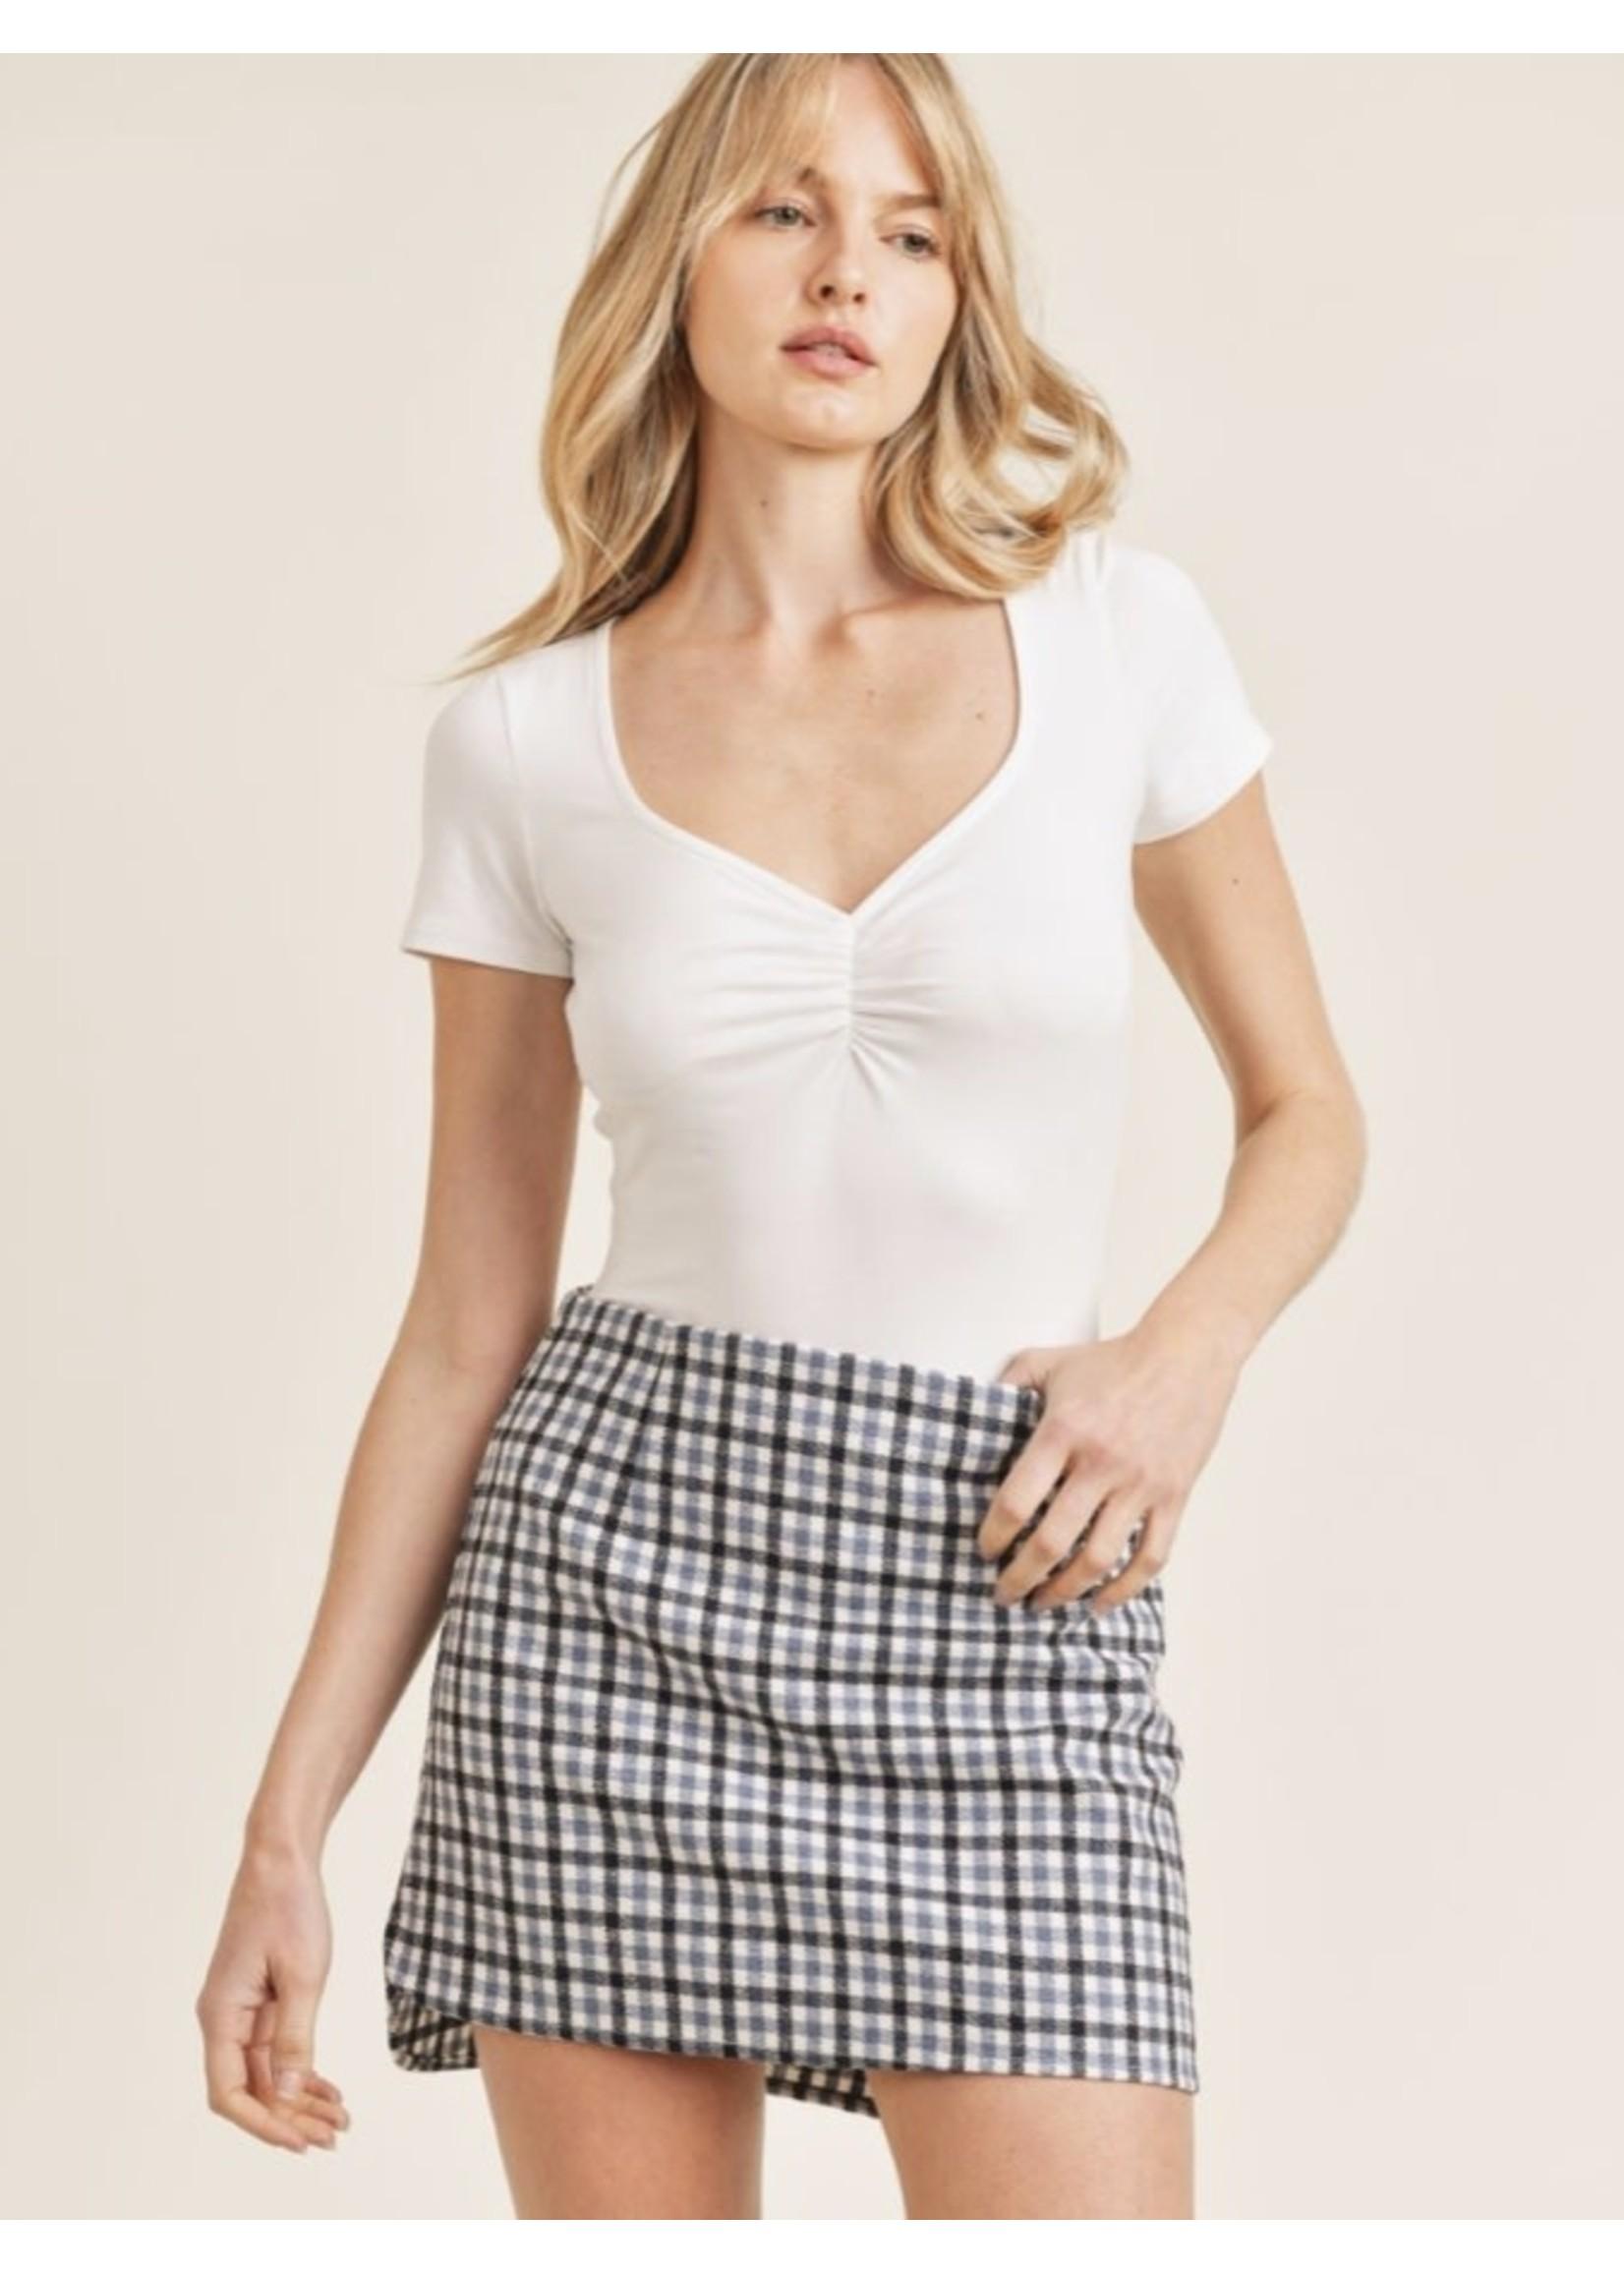 Sadie & Sage Tea Table Mini Skirt - AC361297